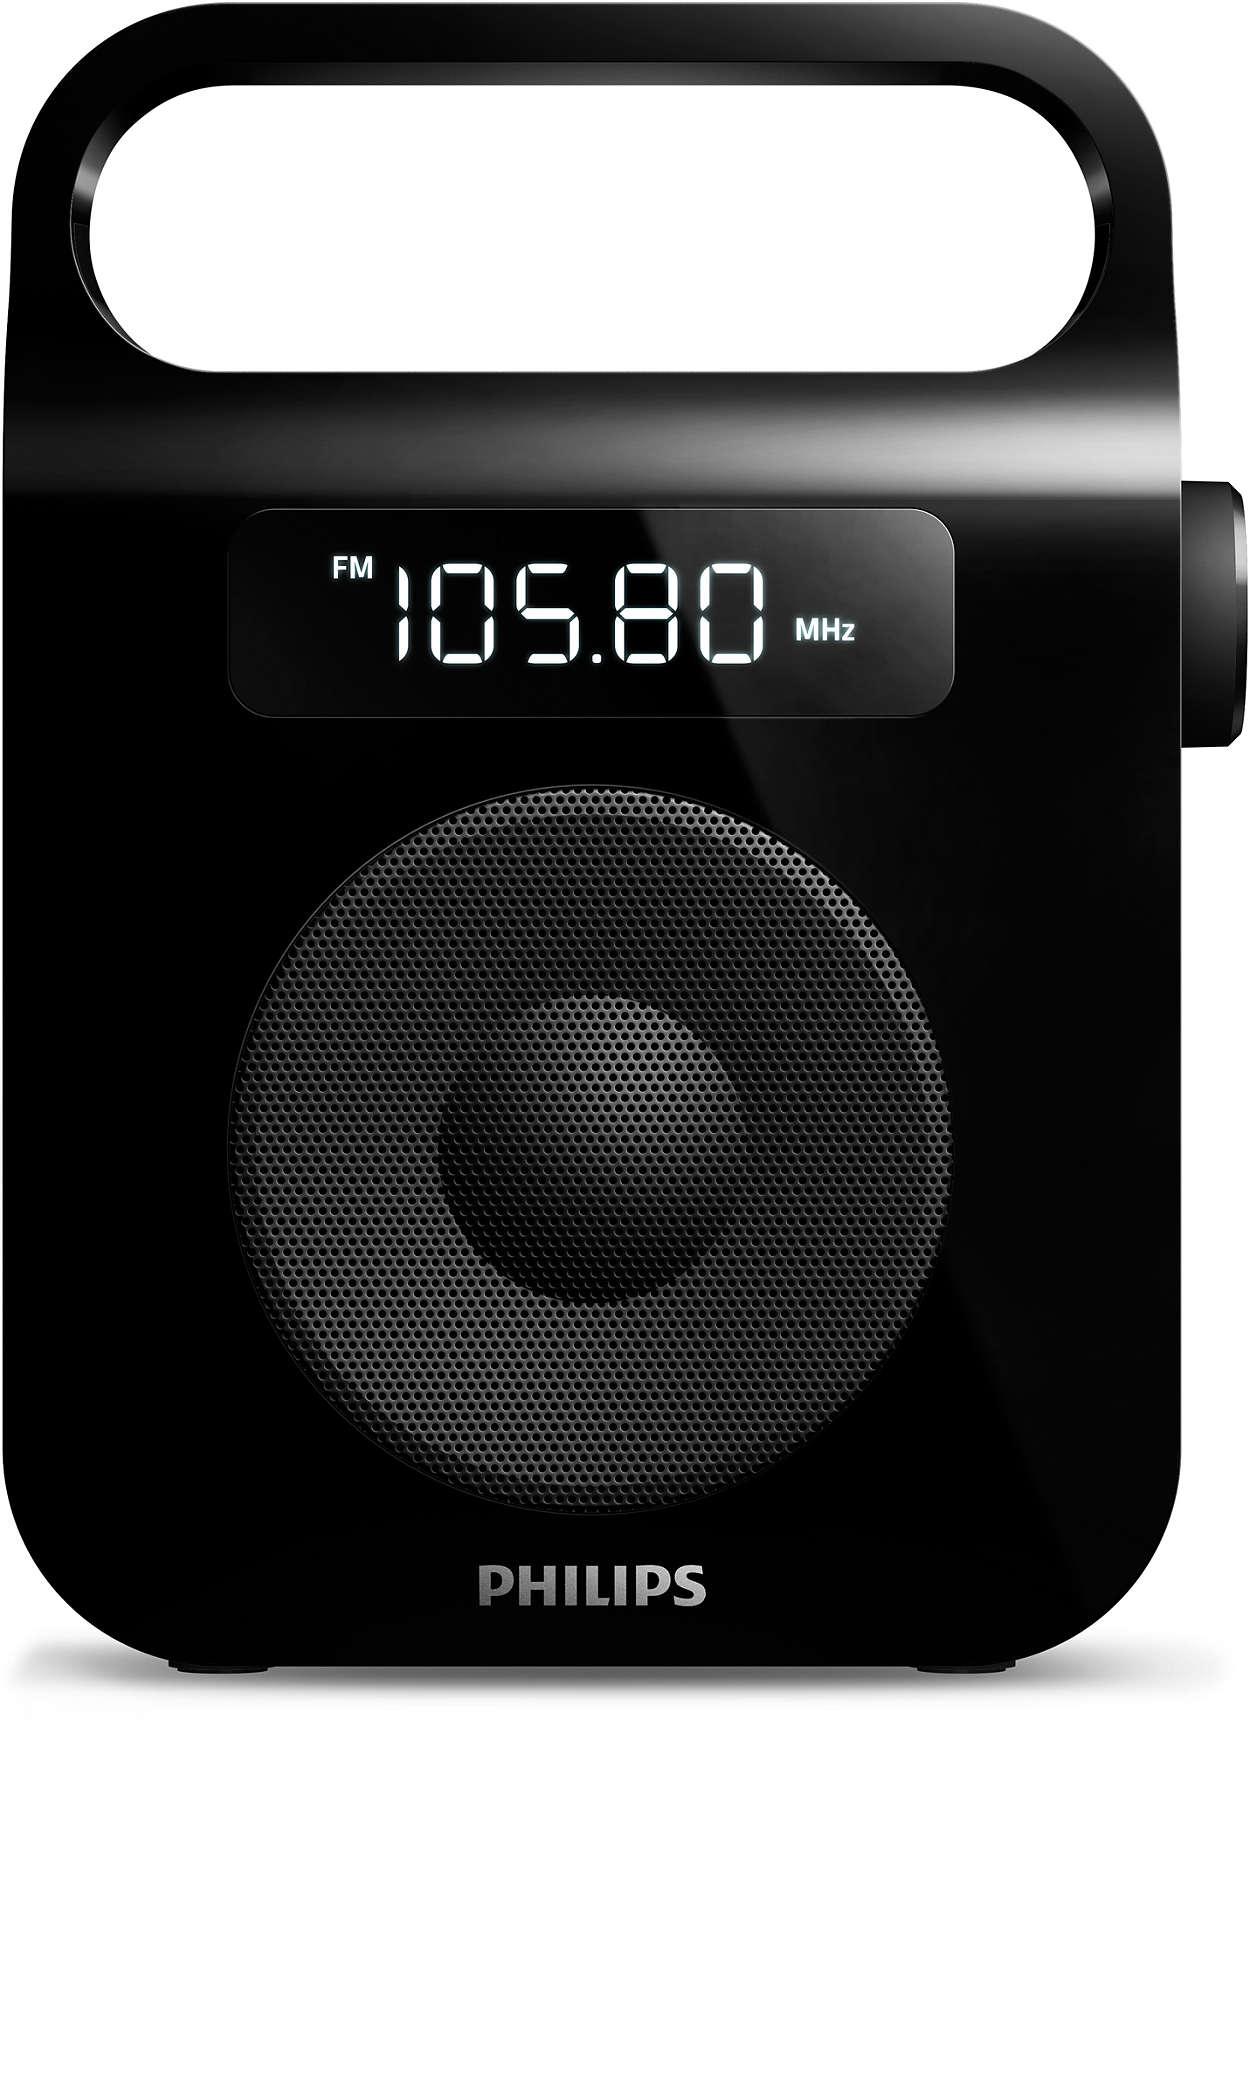 Слушайте любимите си радиостанции